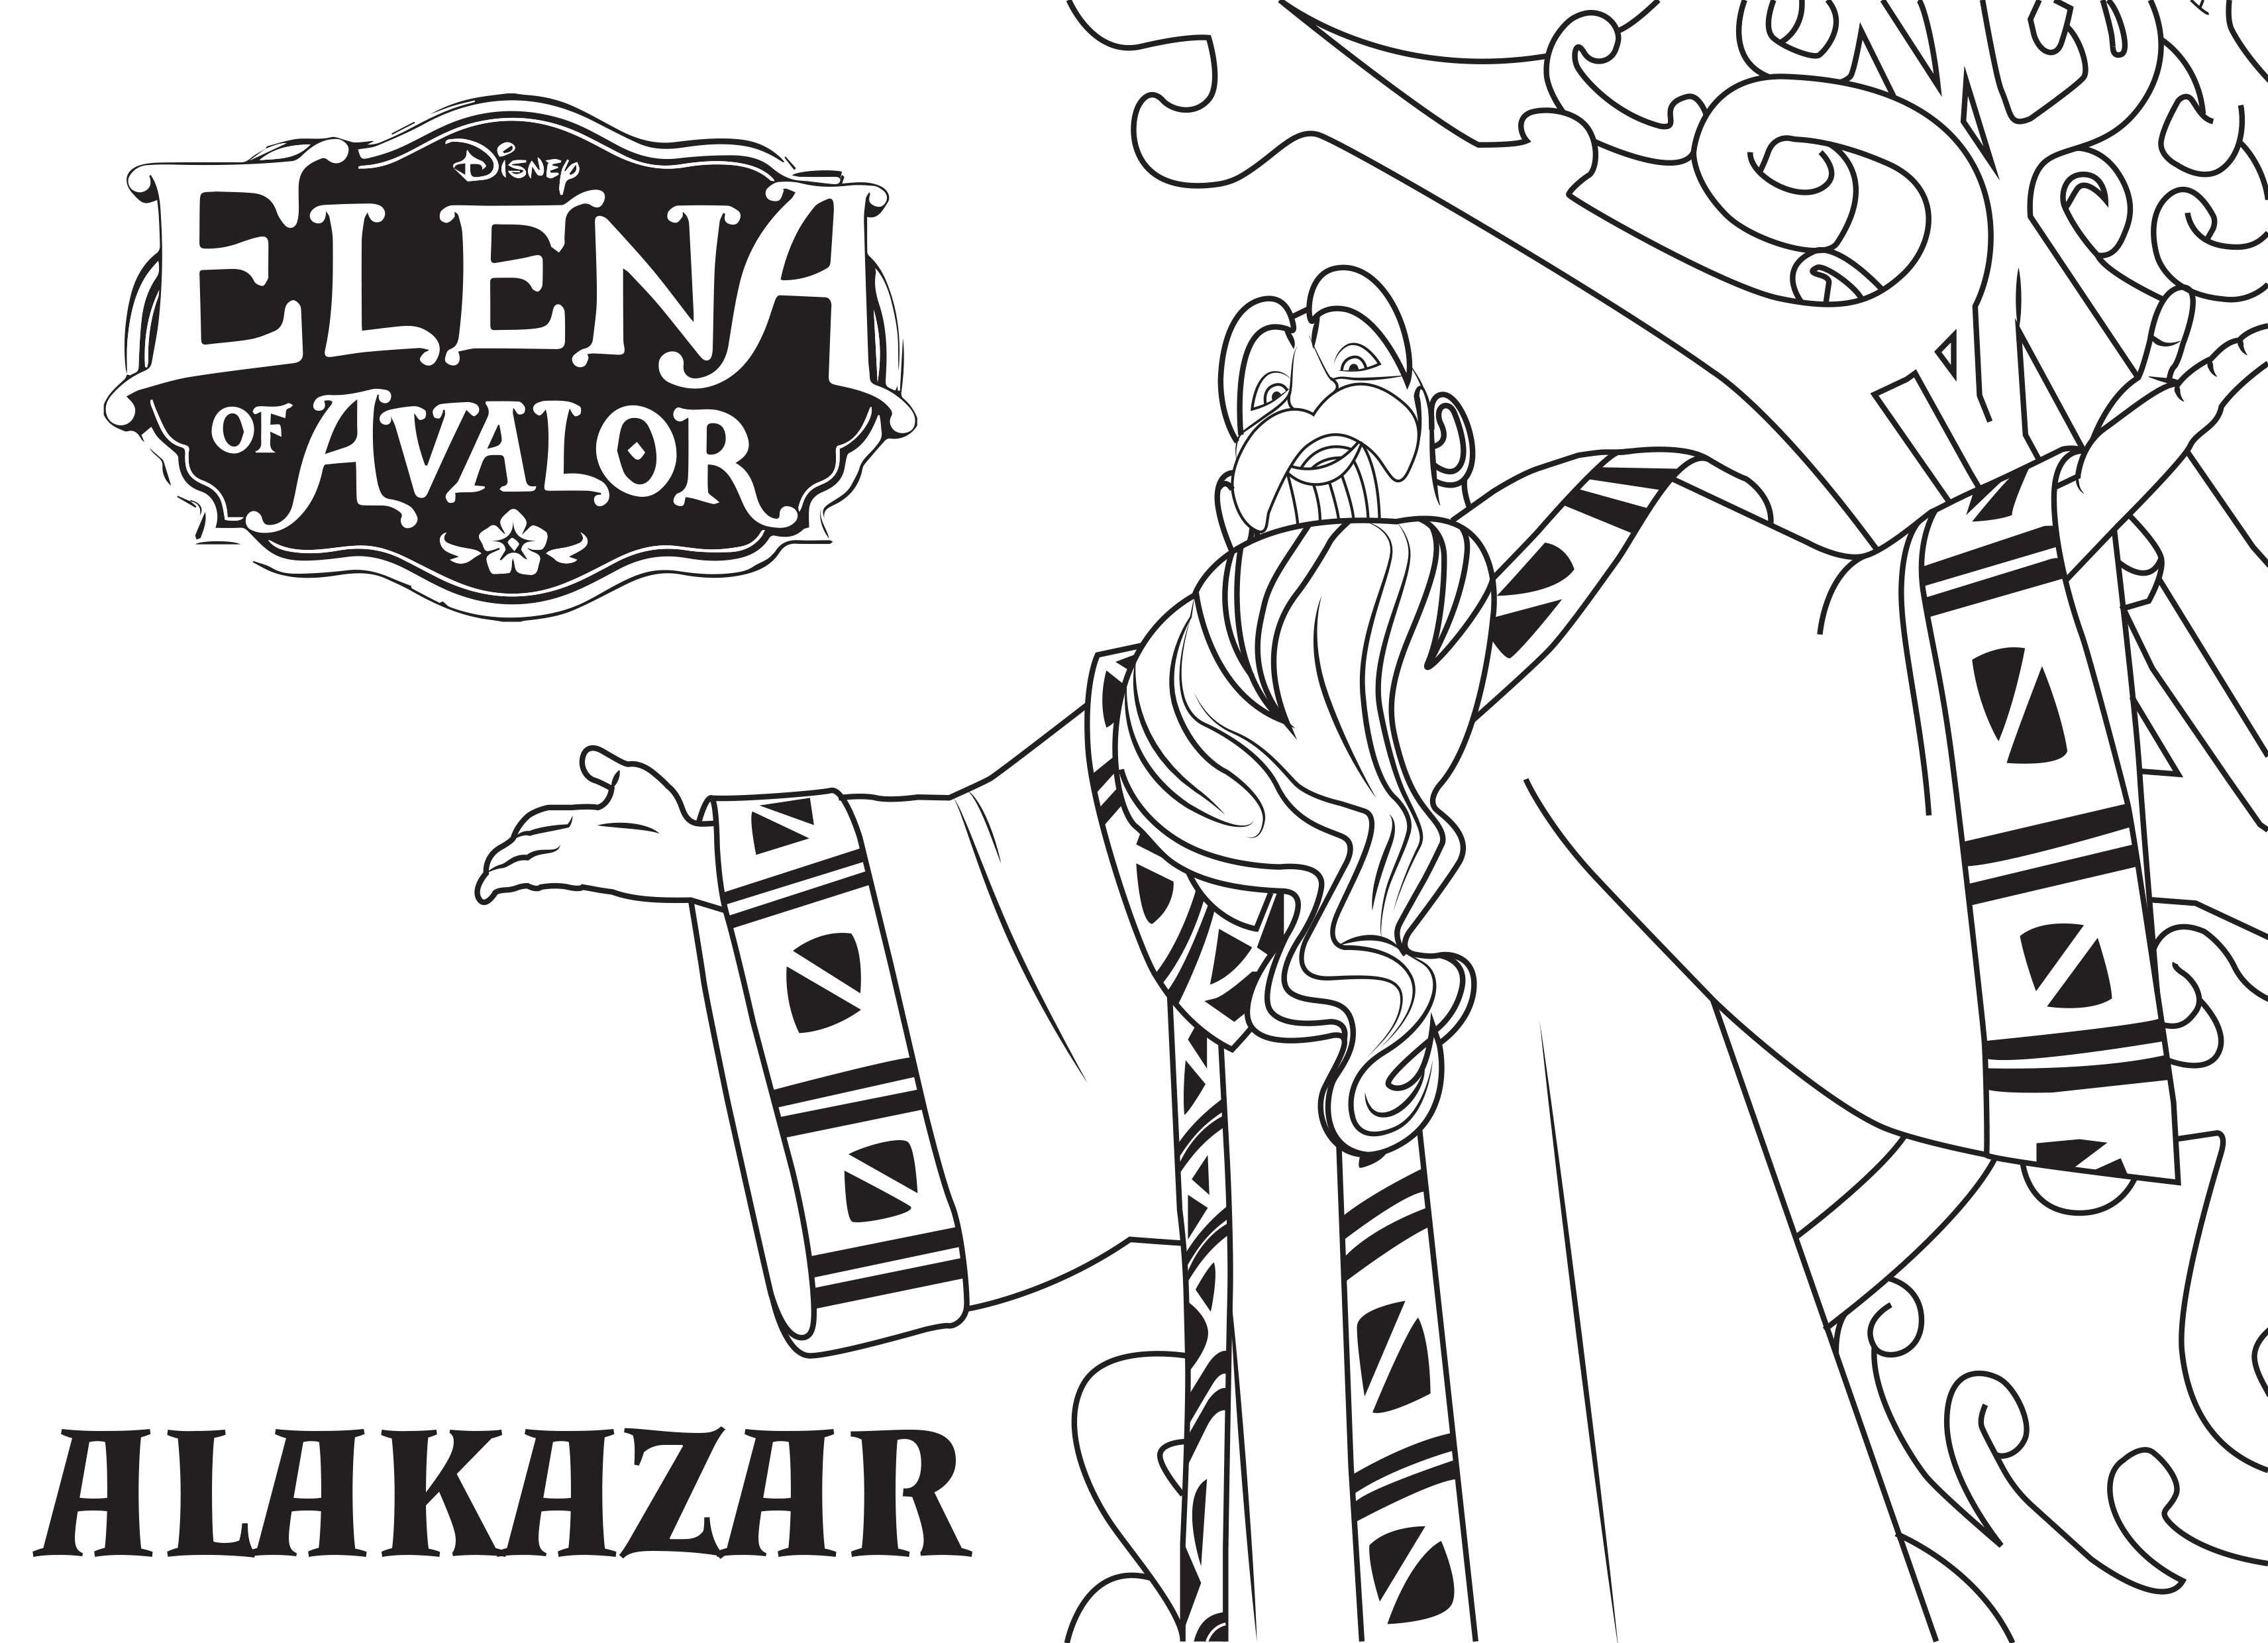 Disney S Elena Of Avalor Coloring Pages Sheet Free Disney Printable Elena Of Avalor Color Page Colorir Desenhos [ jpg ]